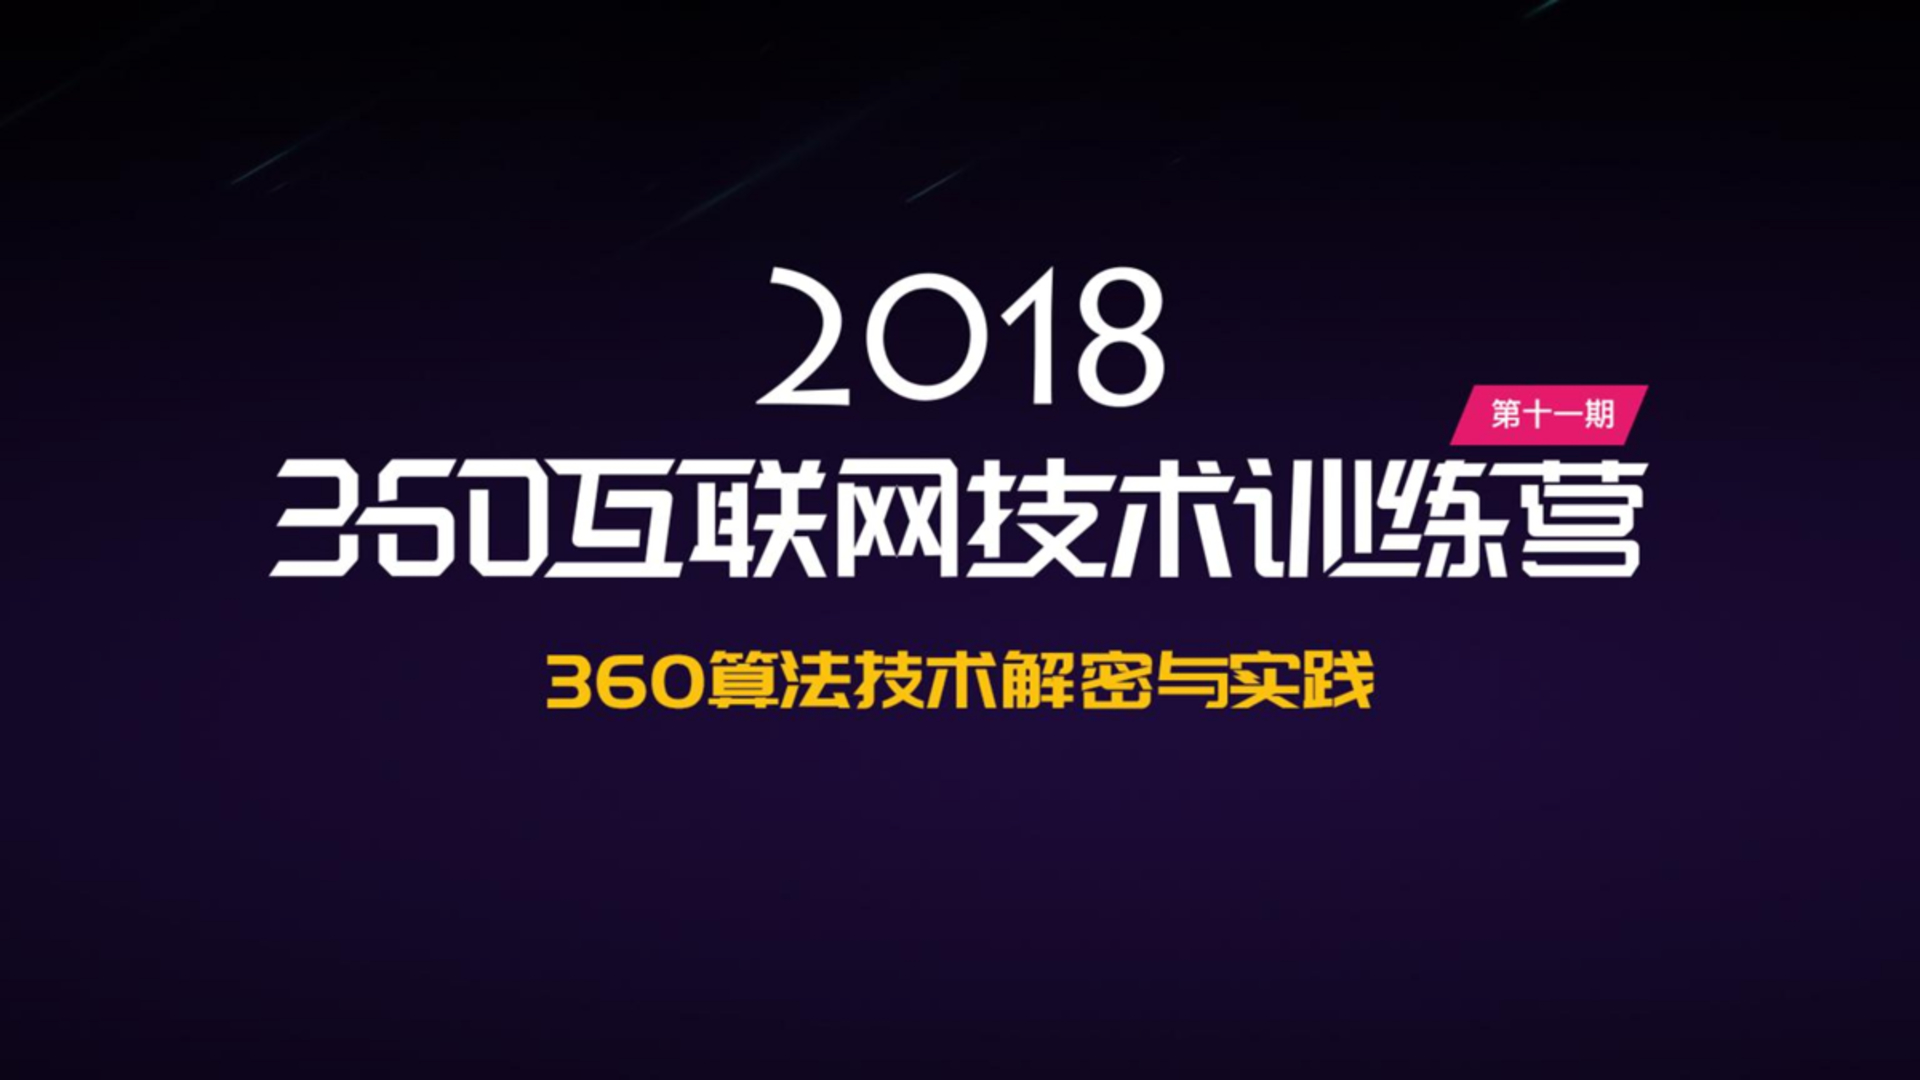 360技术沙龙第11期-司建锋